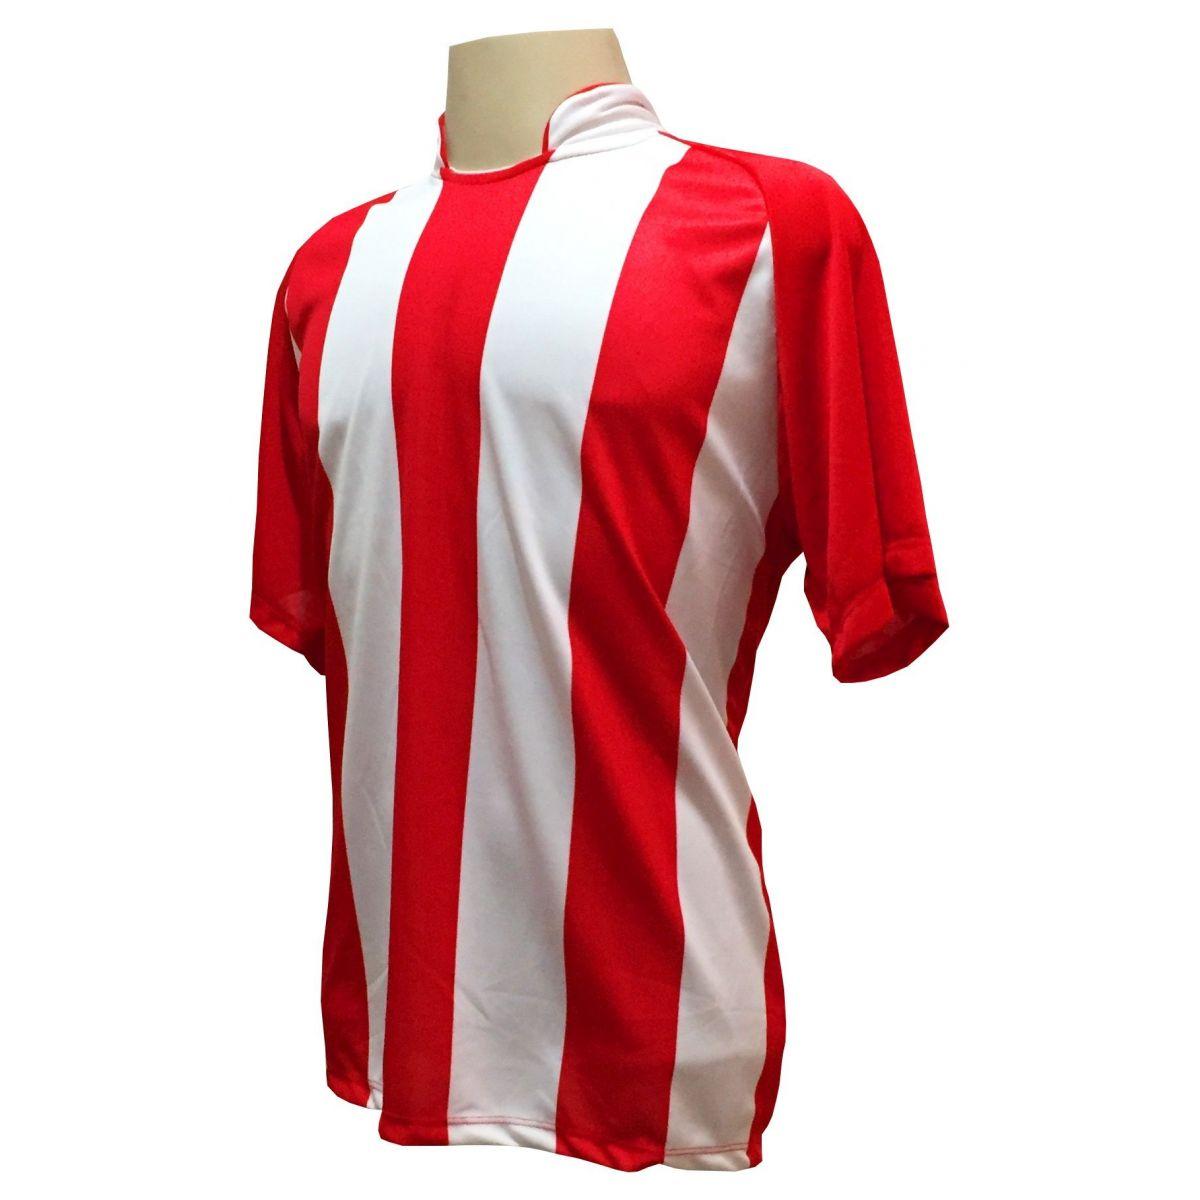 Uniforme Esportivo com 18 camisas modelo Milan Vermelho/Branco + 18 calções modelo Madrid Branco + Brindes